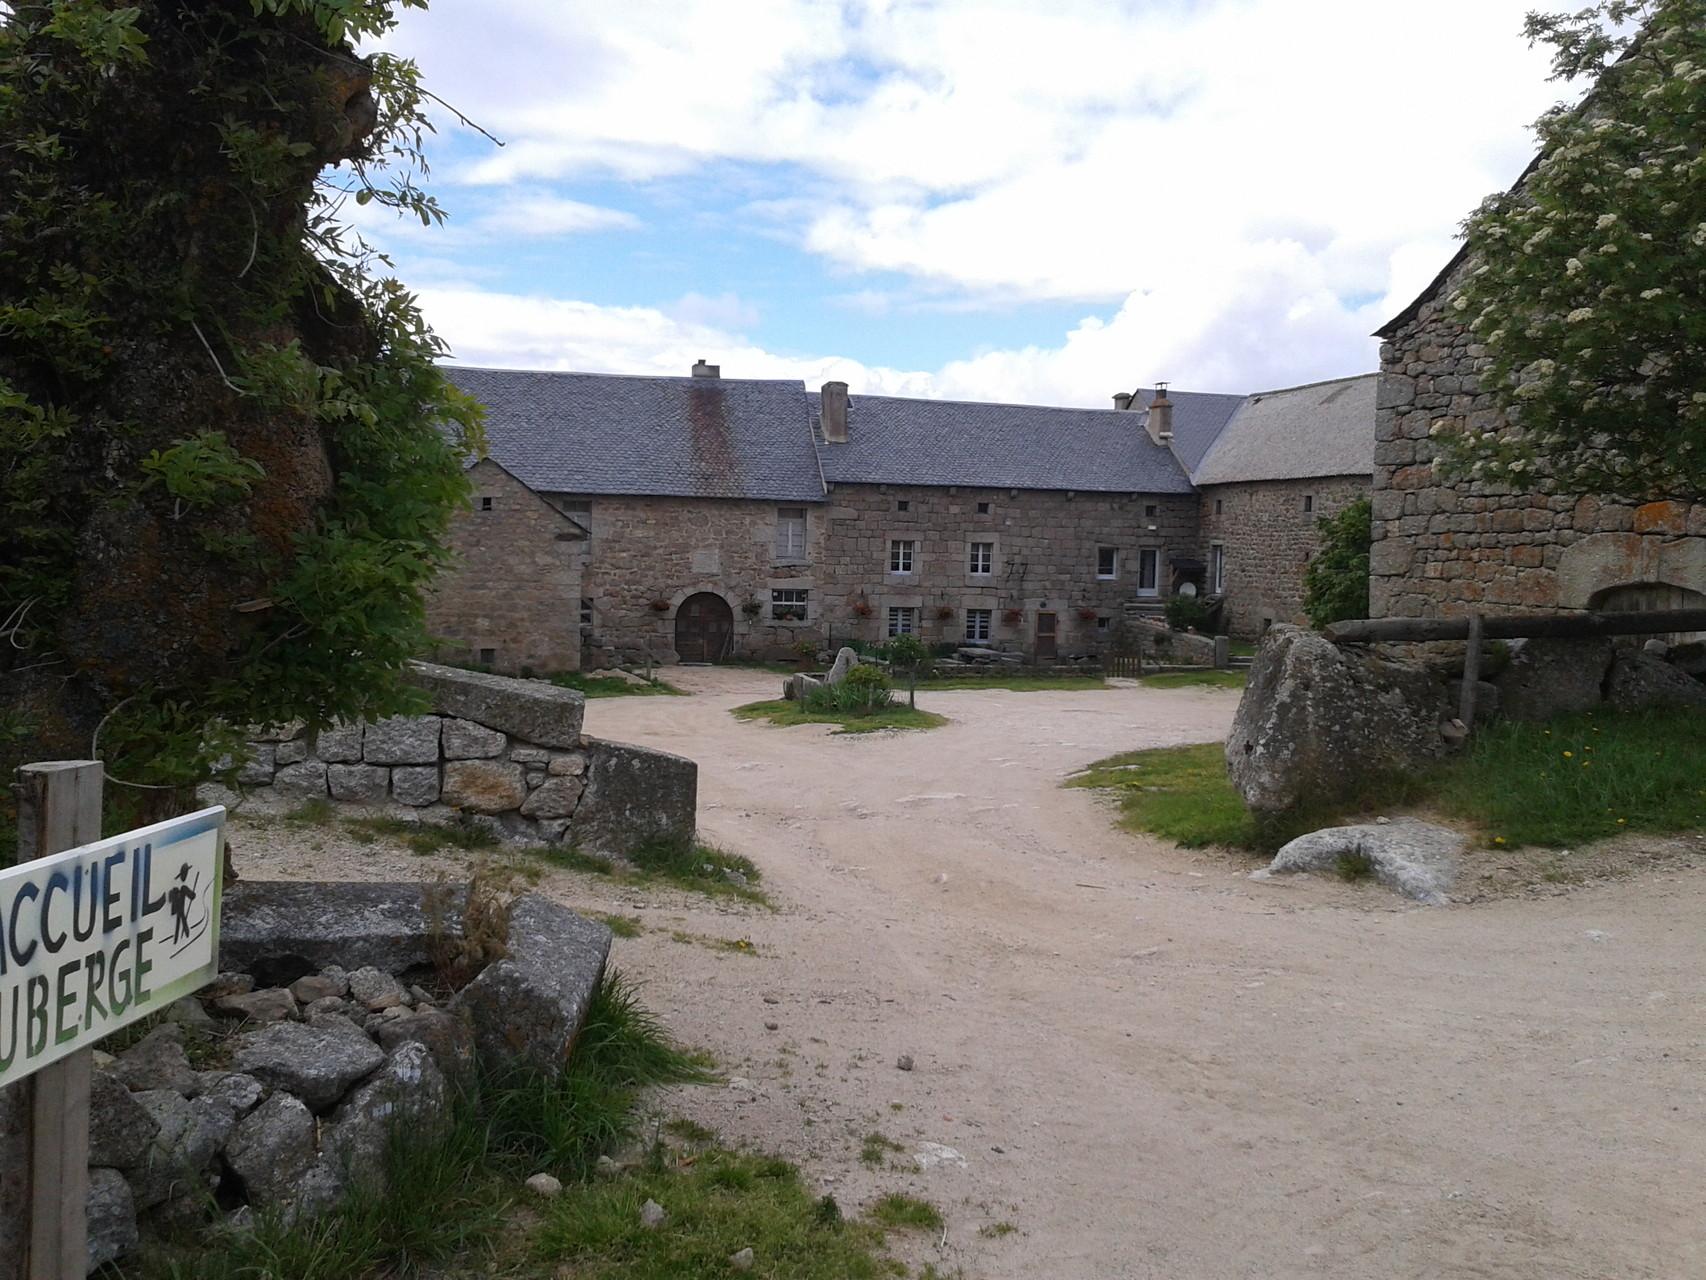 Le Sauvage sur le GR 65 Gîte d'étape Centre La Margeride, Saugues, Haute-Loire